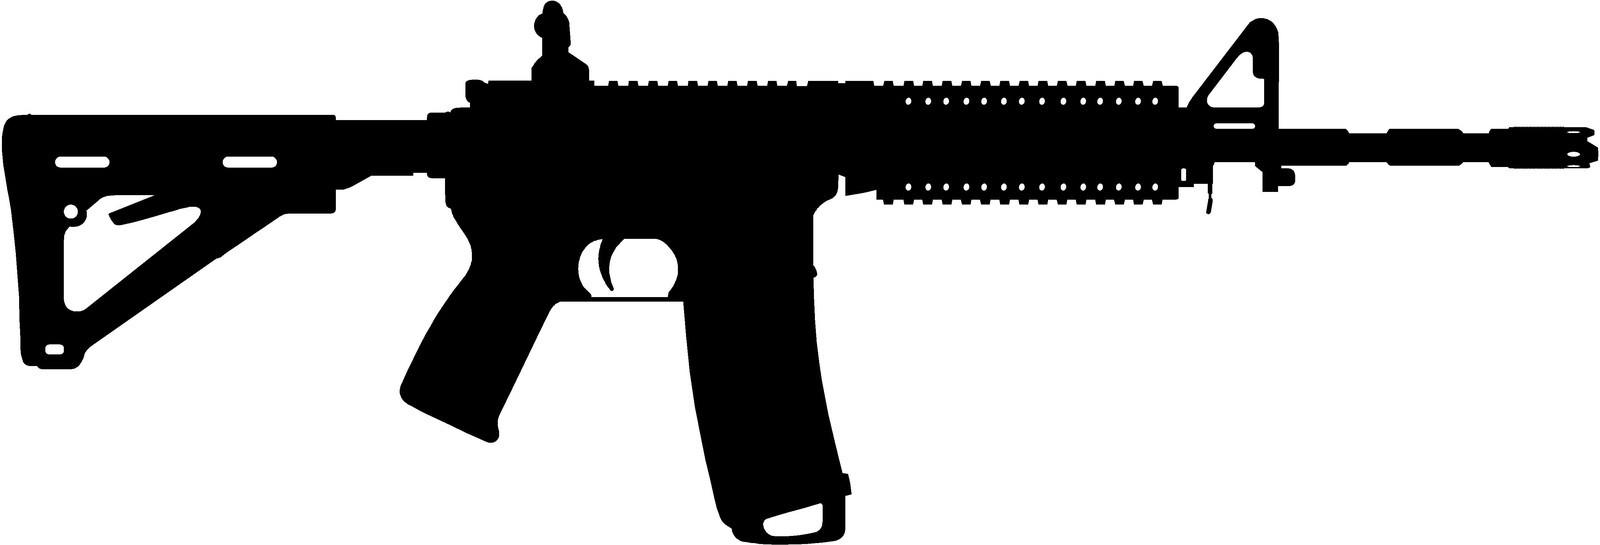 Similiar AR 15 Vector Art Keywords.